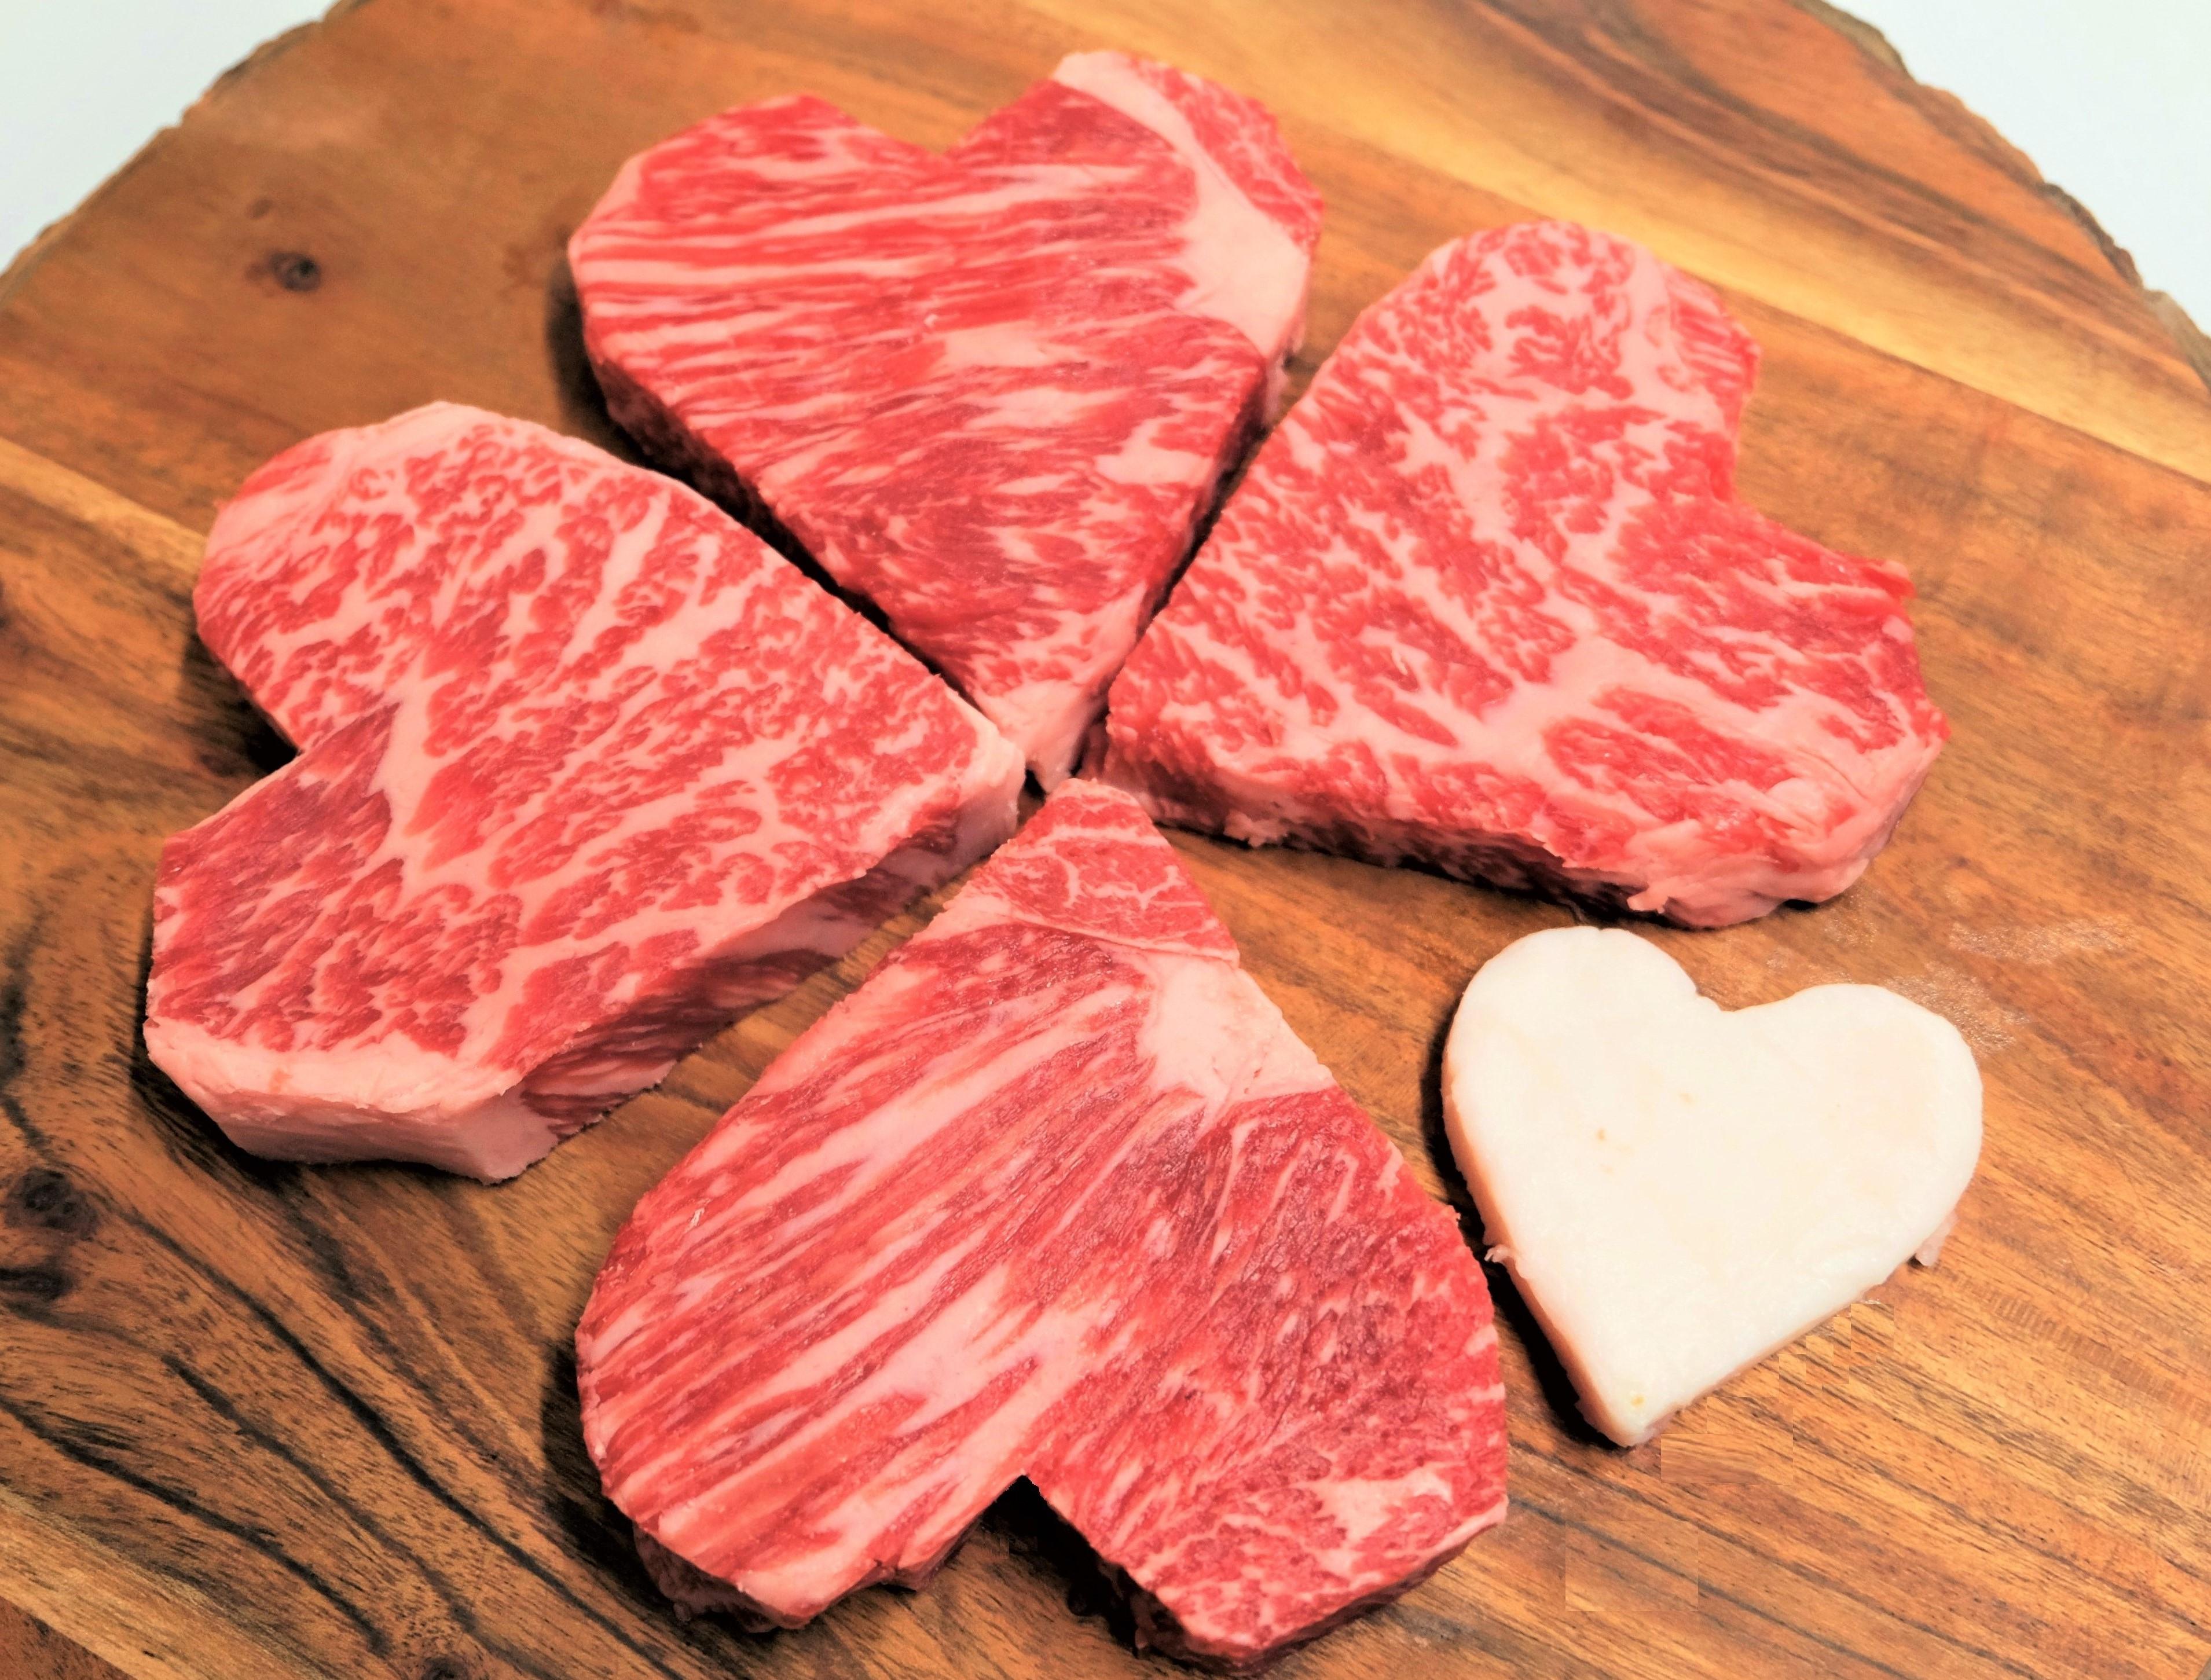 バレンタインにお勧め♡ハート型サーロインステーキのギフトセット